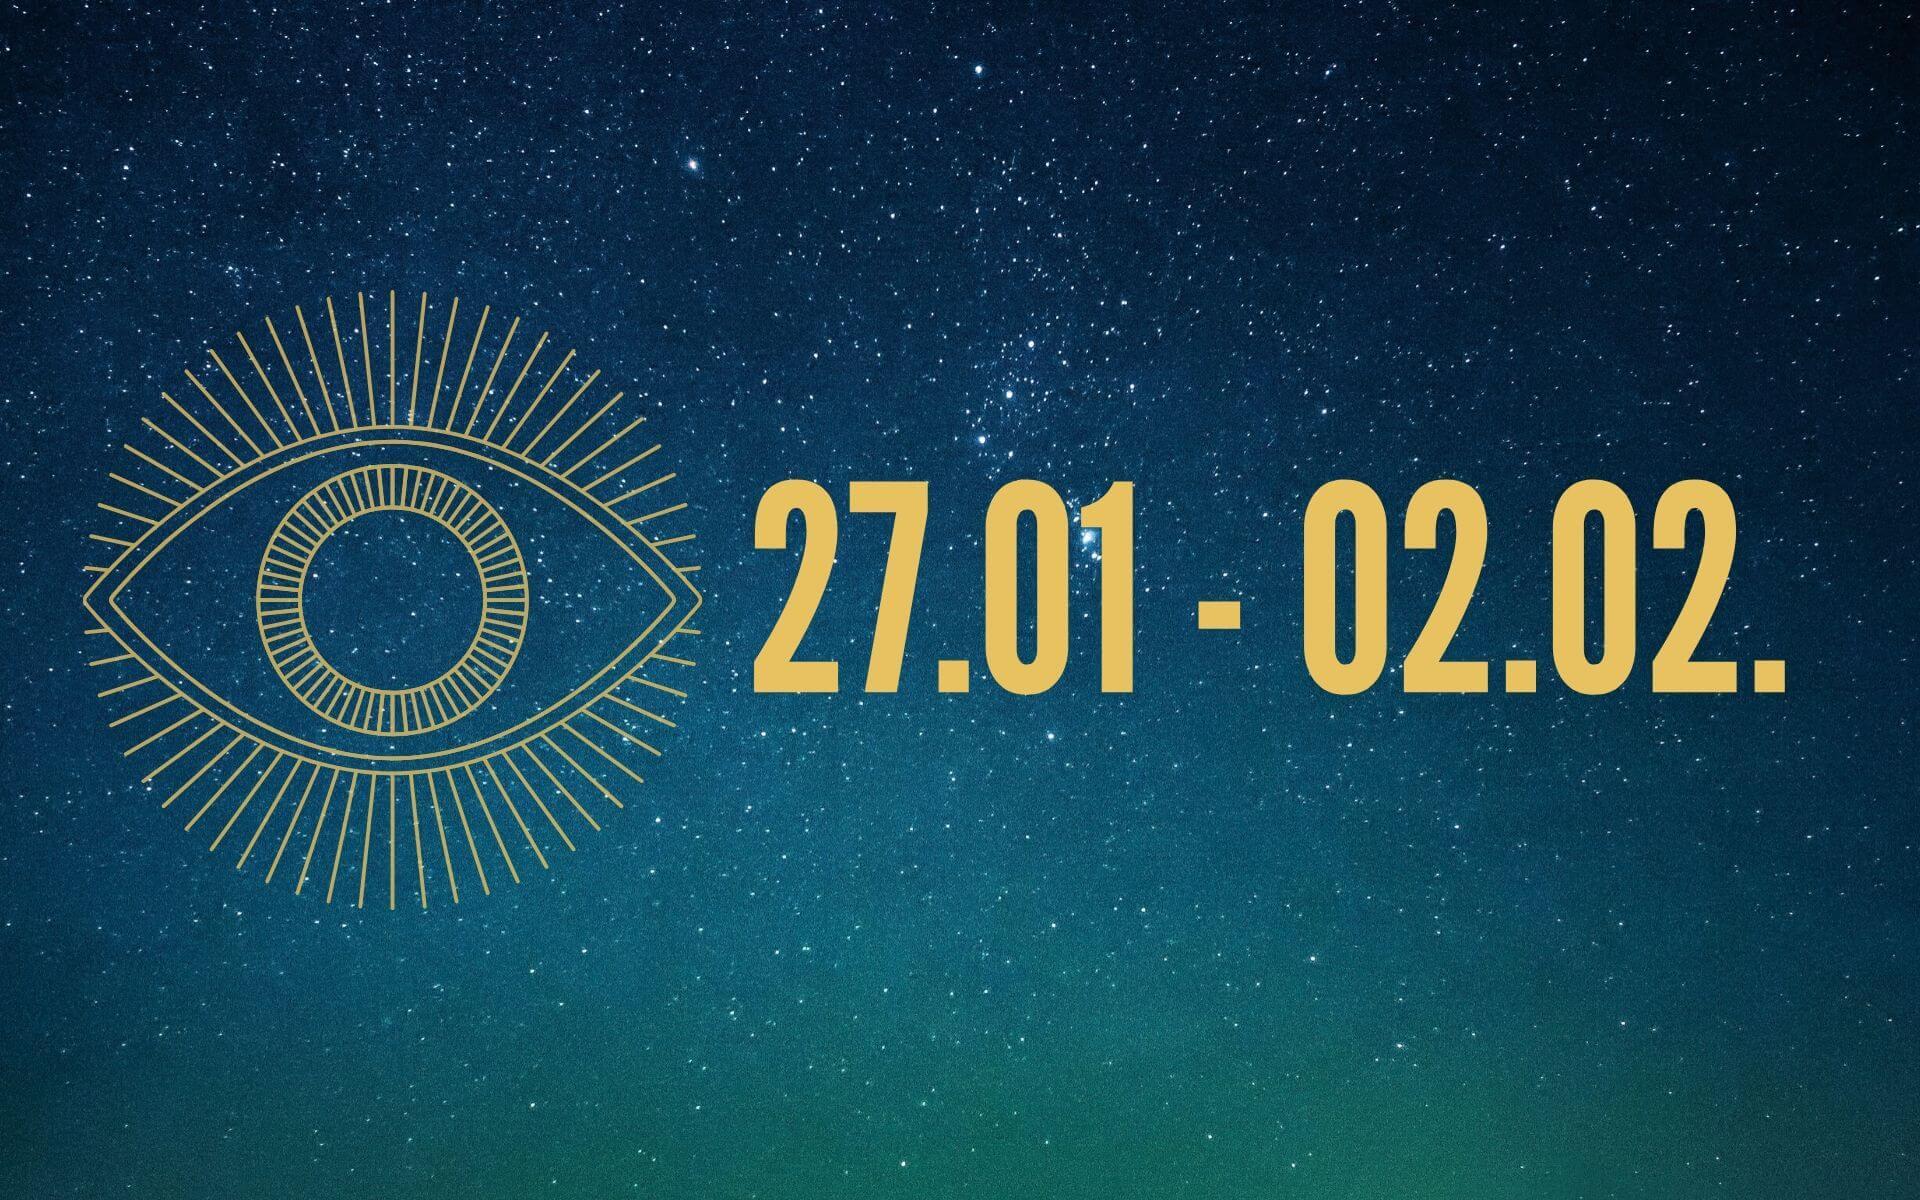 MILAs Liebeshoroskop 27.01. - 02.02. - Was erwartet dein Sternzeichen?